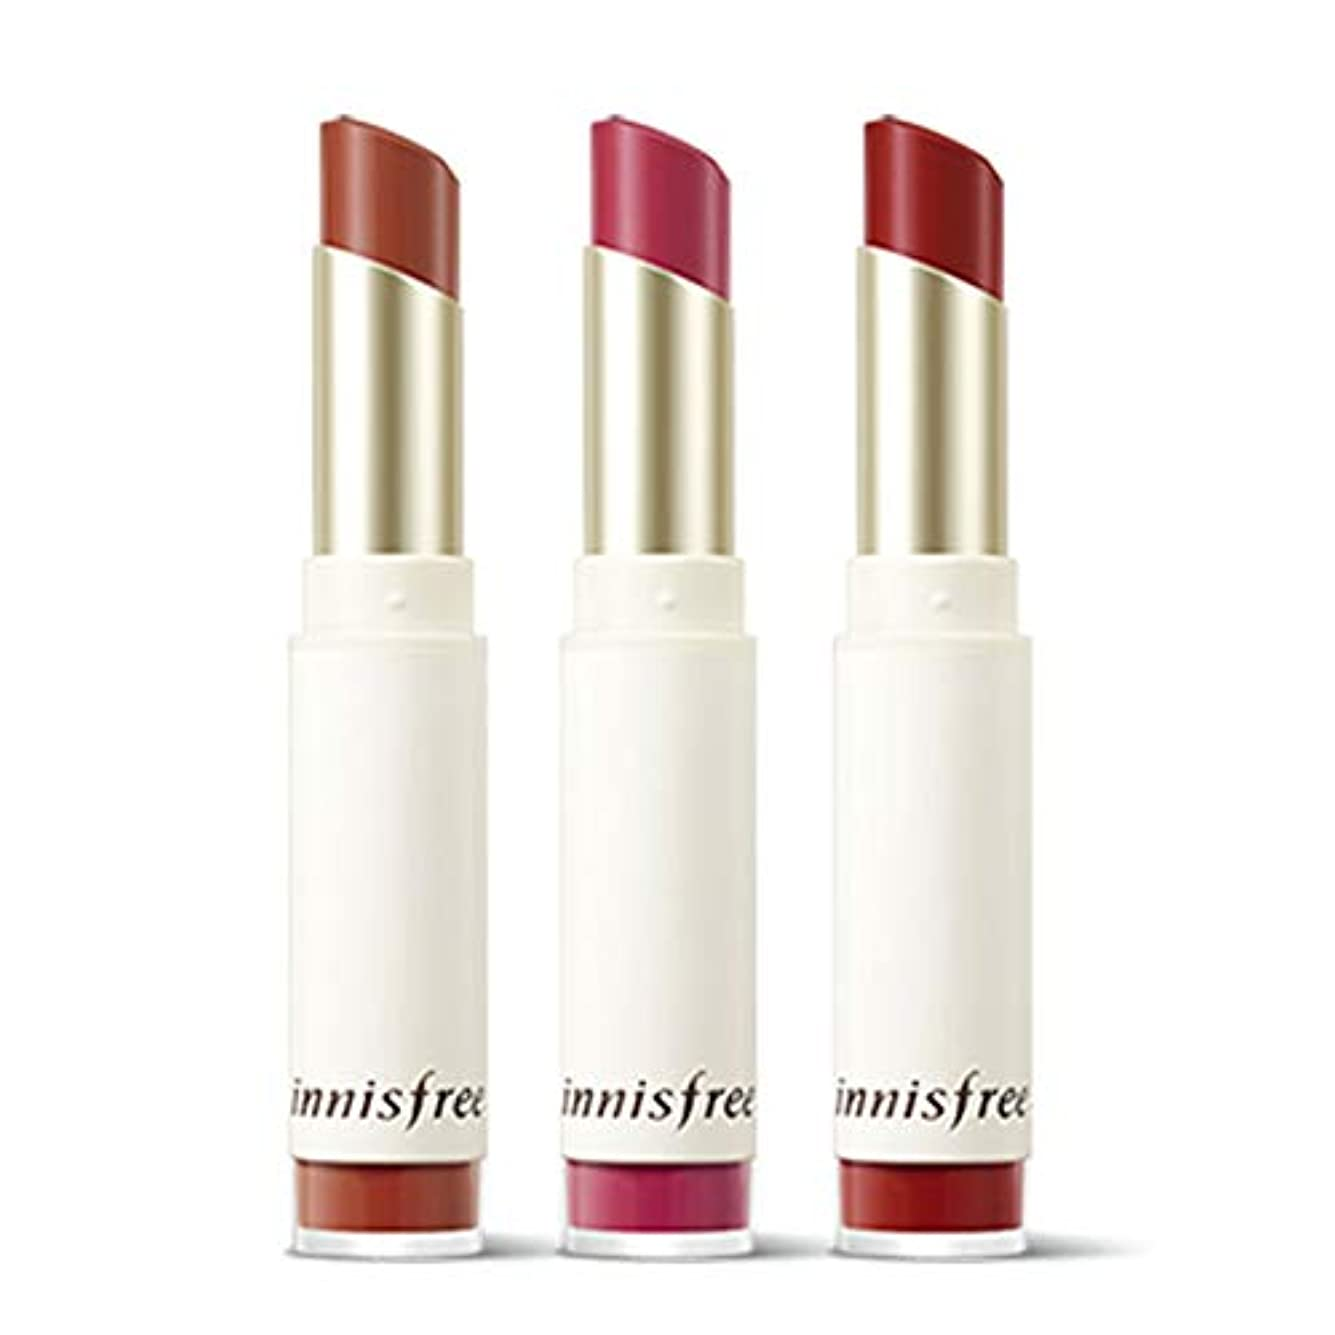 イニスフリーリアルフィットベルベットリップスティック3.3g Innisfree Real Fit Velvet Lipstick 3.3g [海外直送品][並行輸入品] (#08. Cherry Pink)